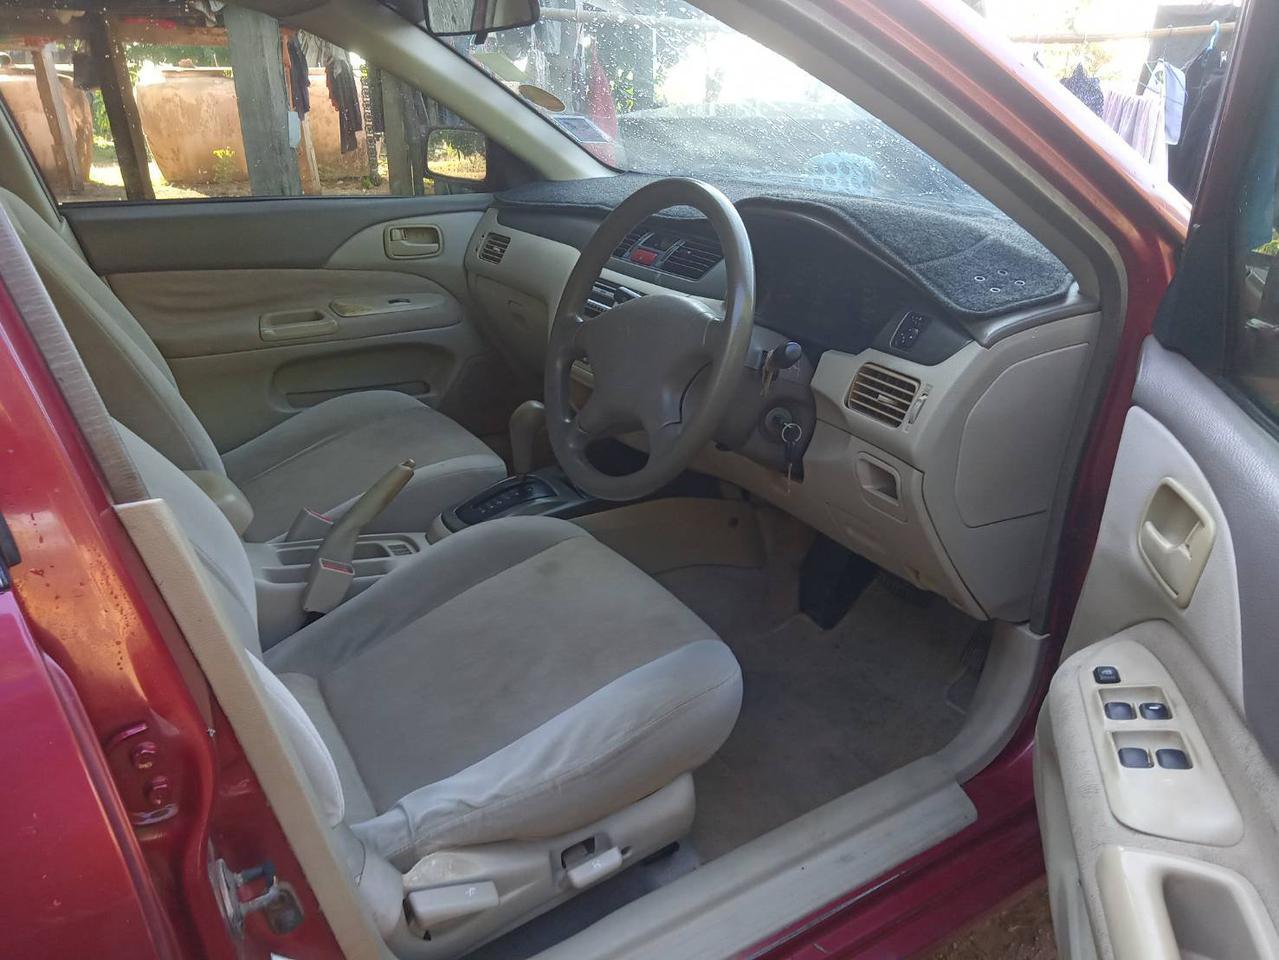 ขออนุญาต admin ขาย Mitsubishi cedia ปี 2003 1.6 auto พร้อมใช้ รถวิ่งดีมาก ระบบไฟฟ้าครบ รูปที่ 2